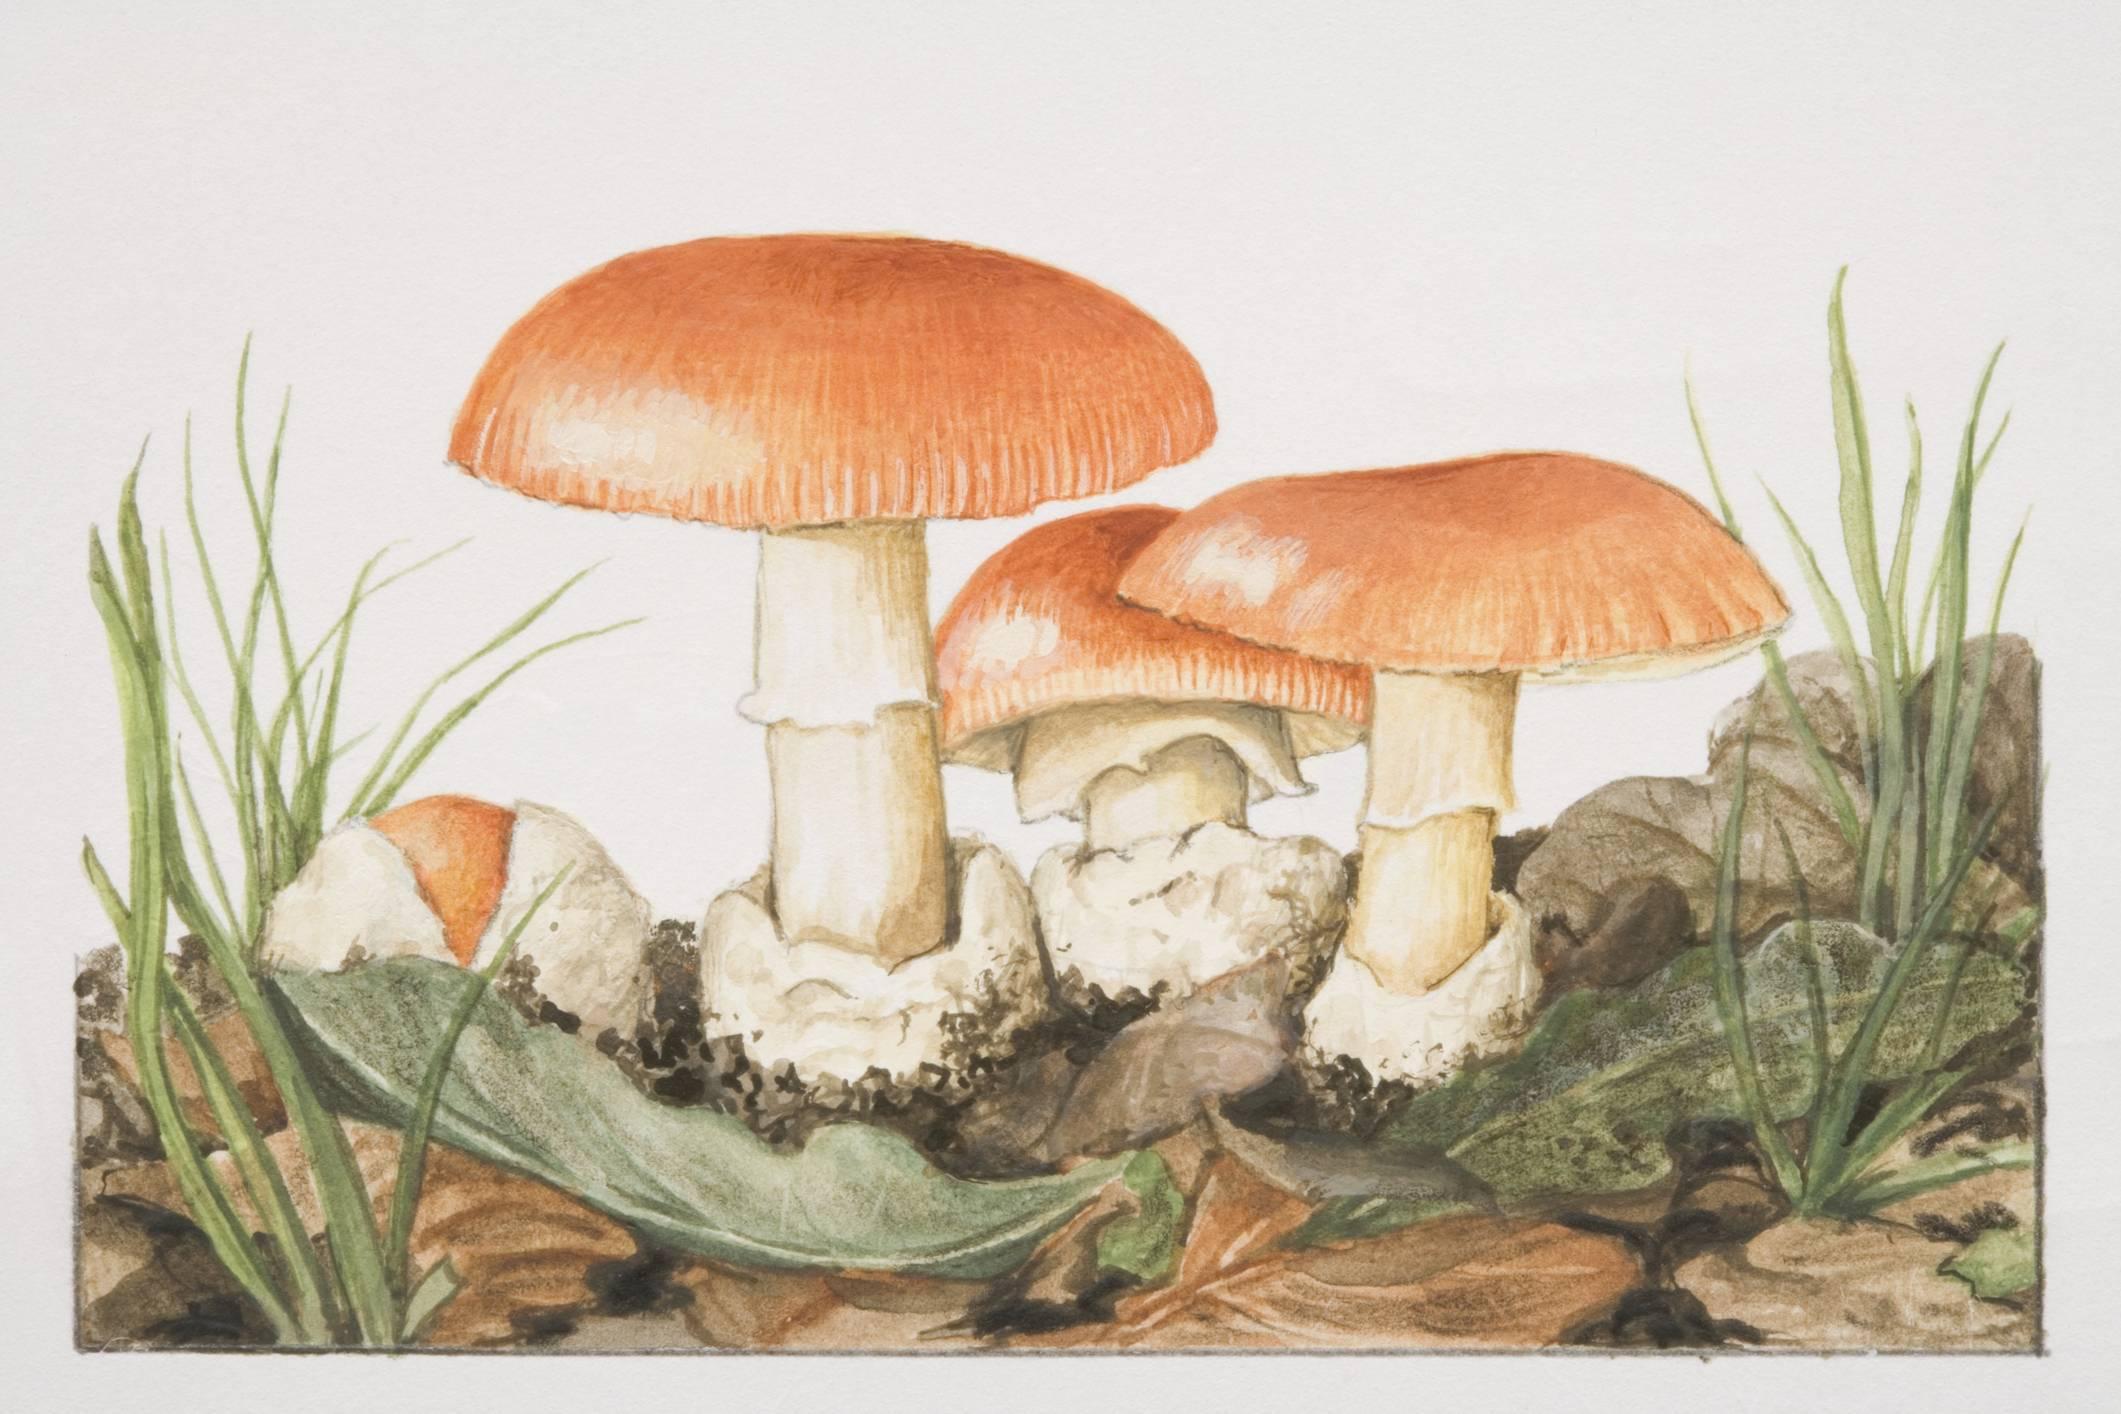 Царский гриб: как выглядит, рецепты приготовления мухомора цезаря